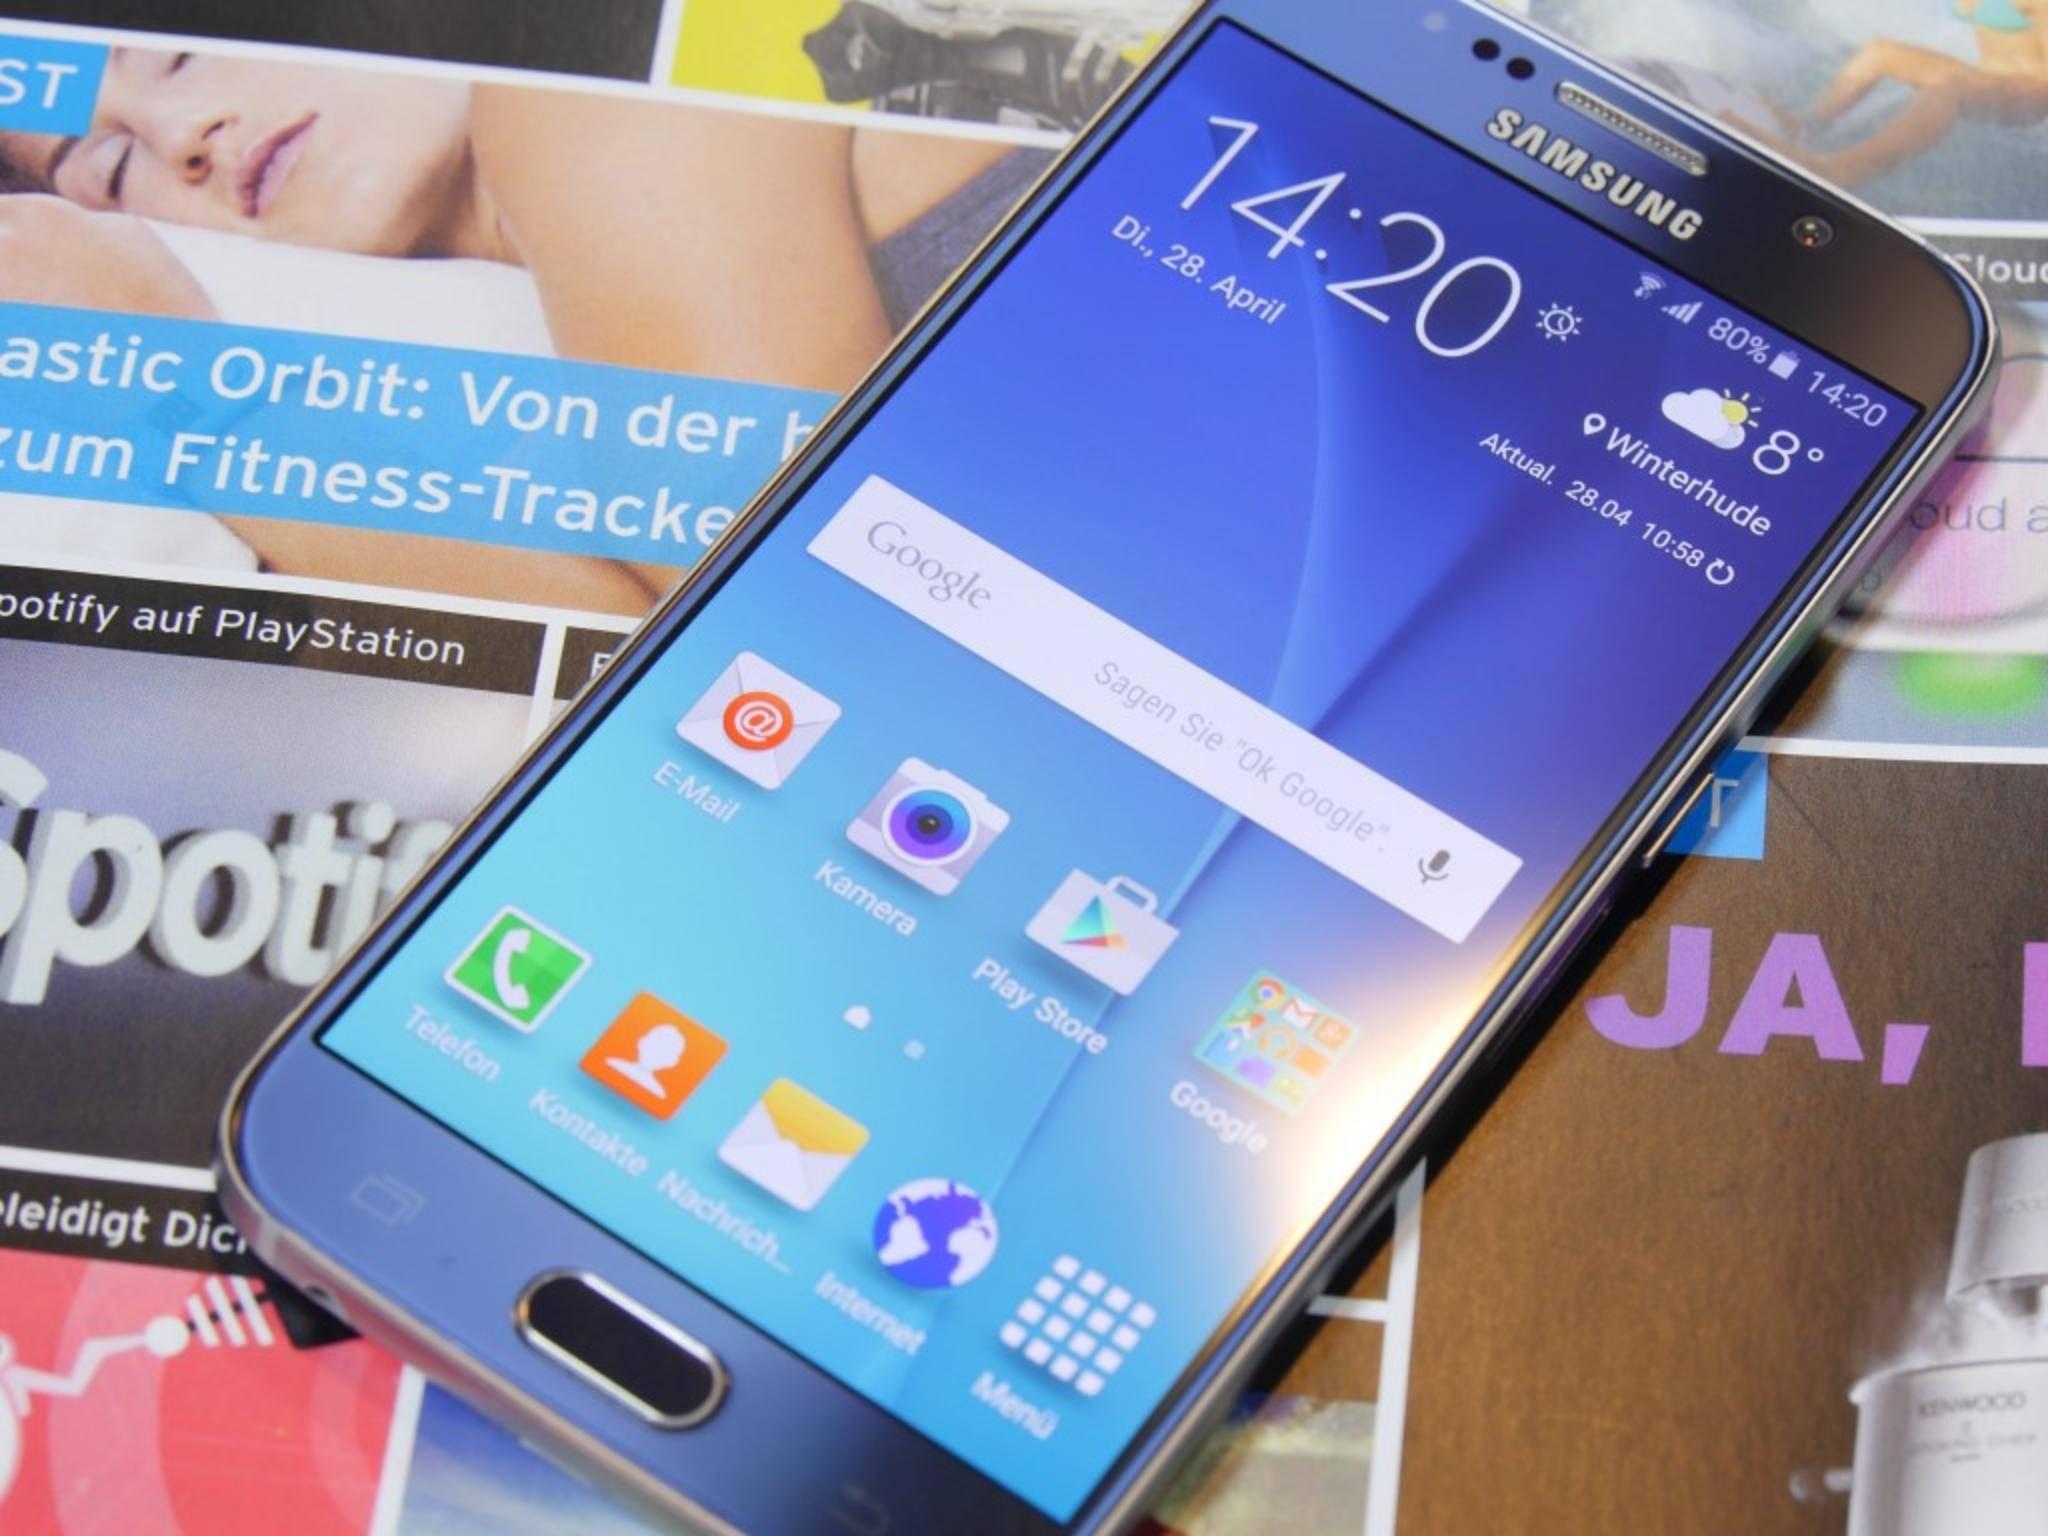 Samsung Galaxy S6 12